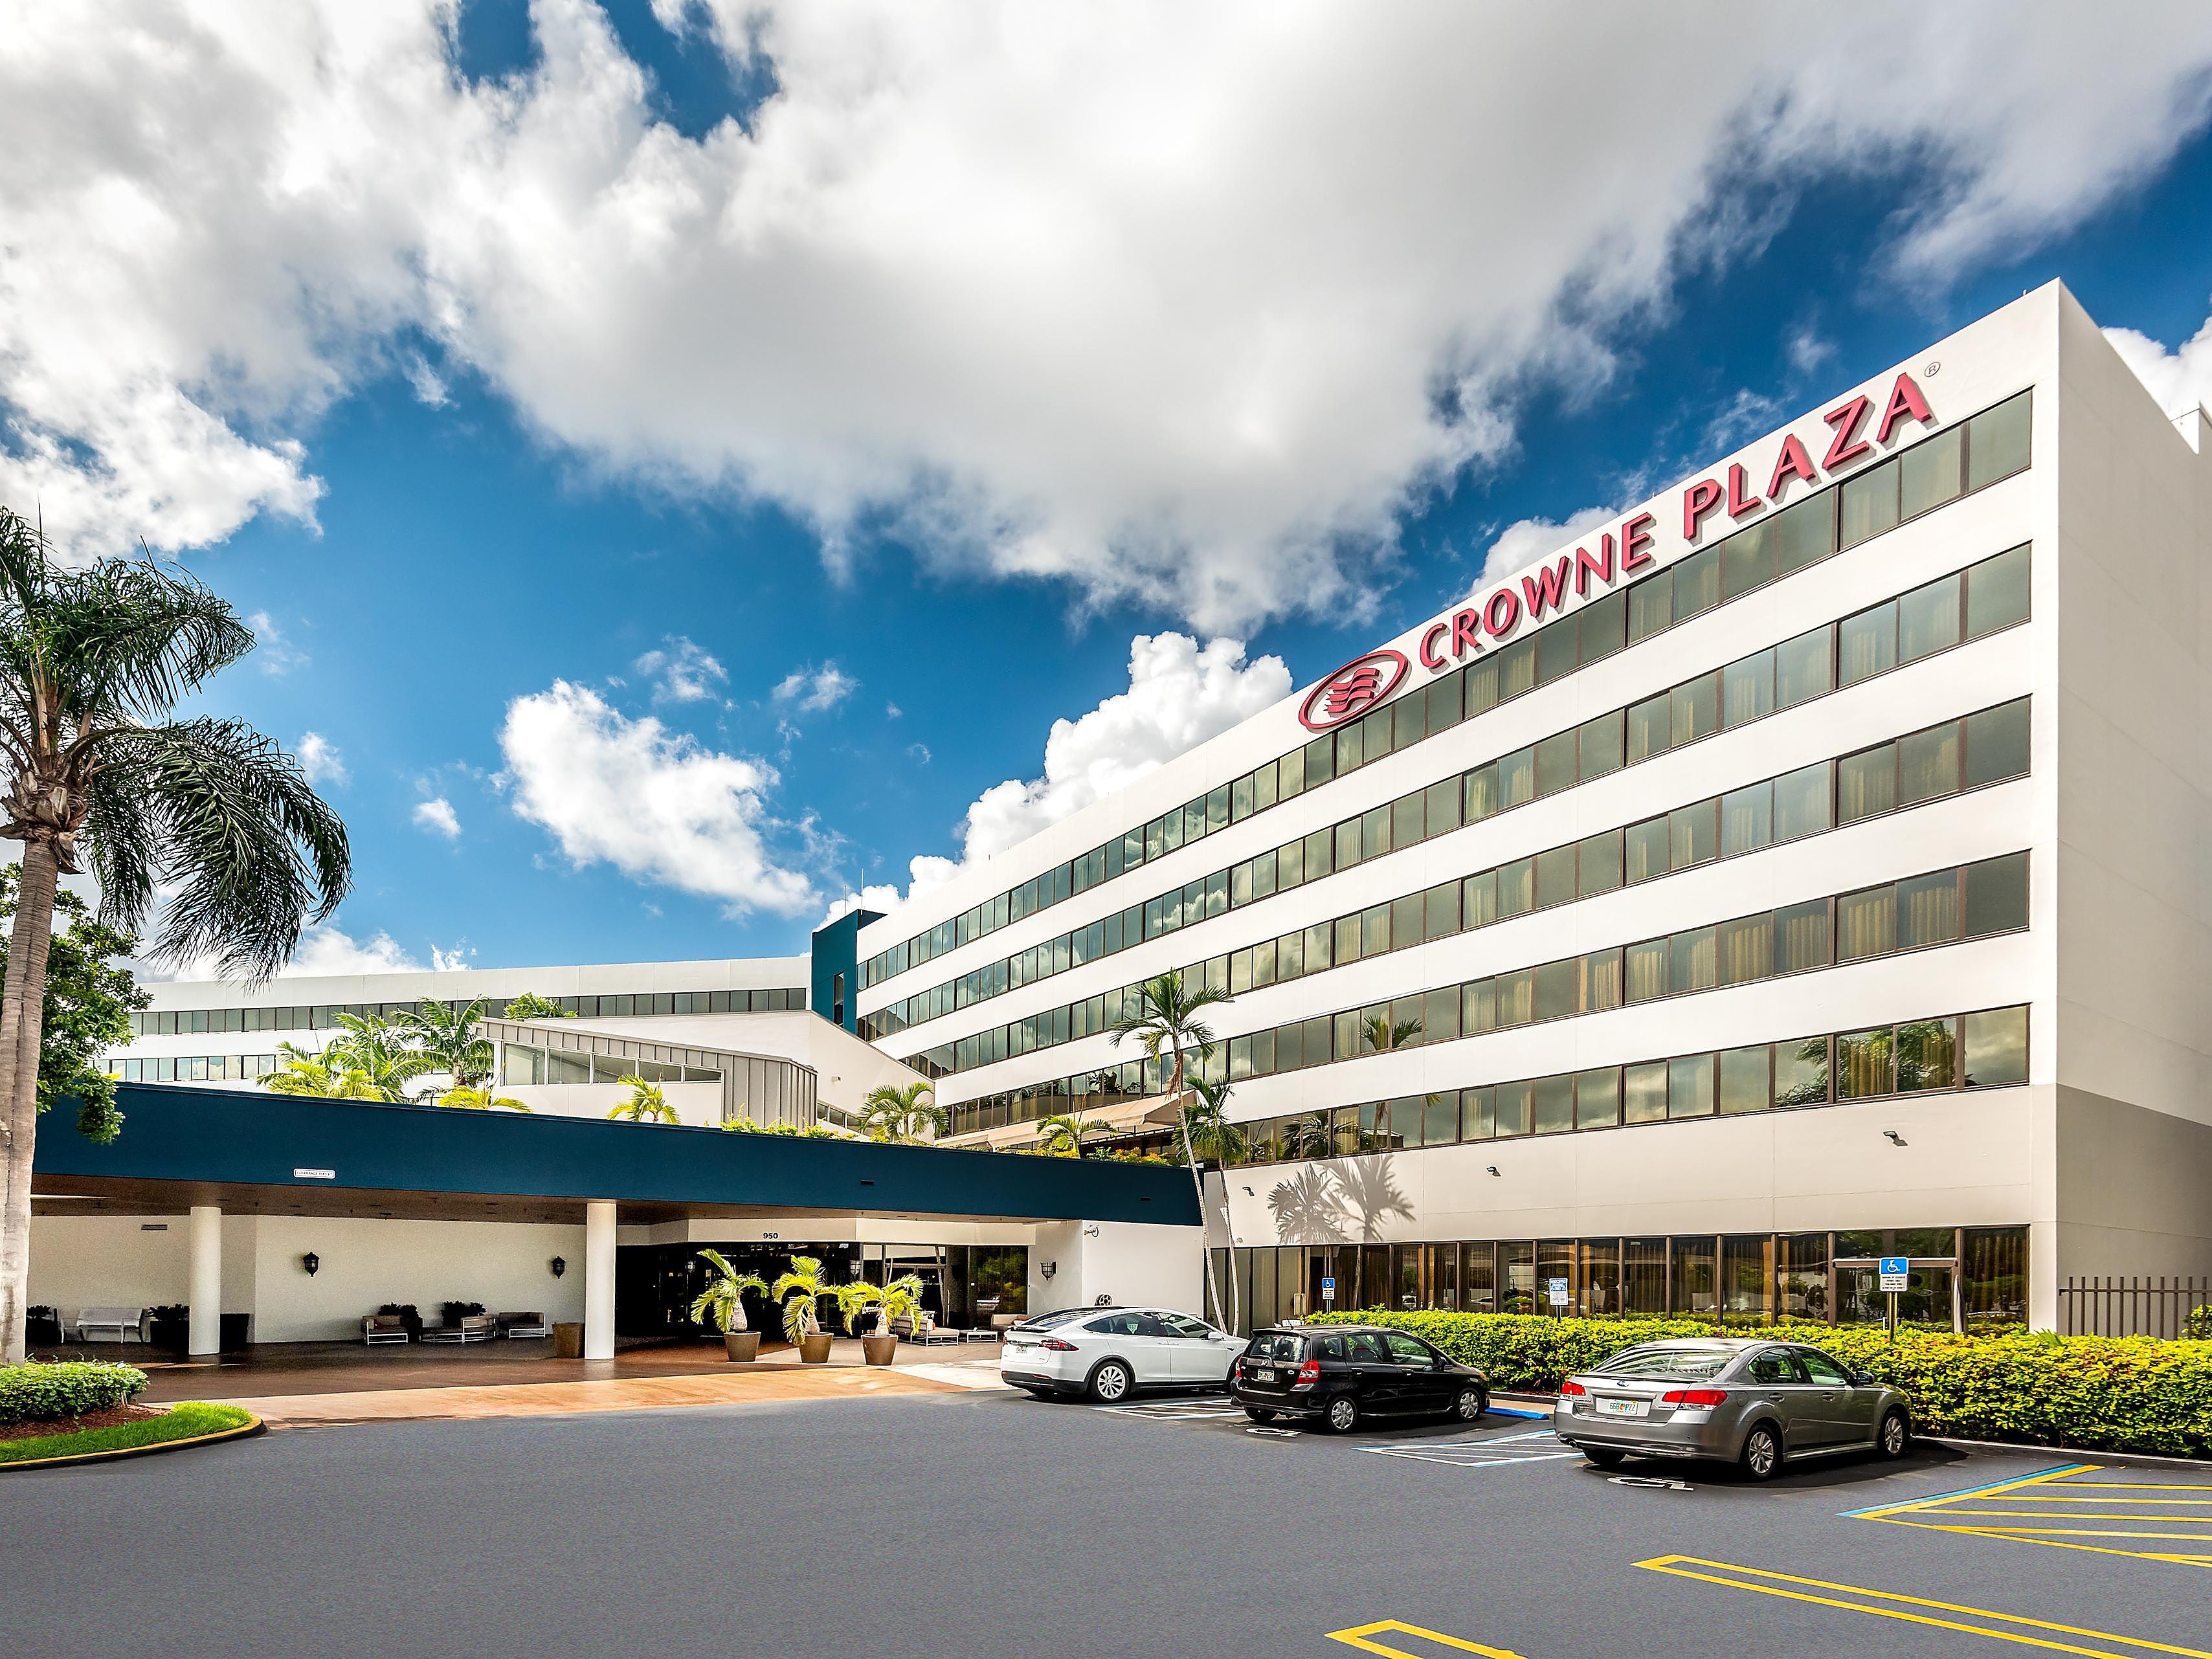 Business Hotels near Miami Airport (MIA) | Crowne Plaza Miami Airport